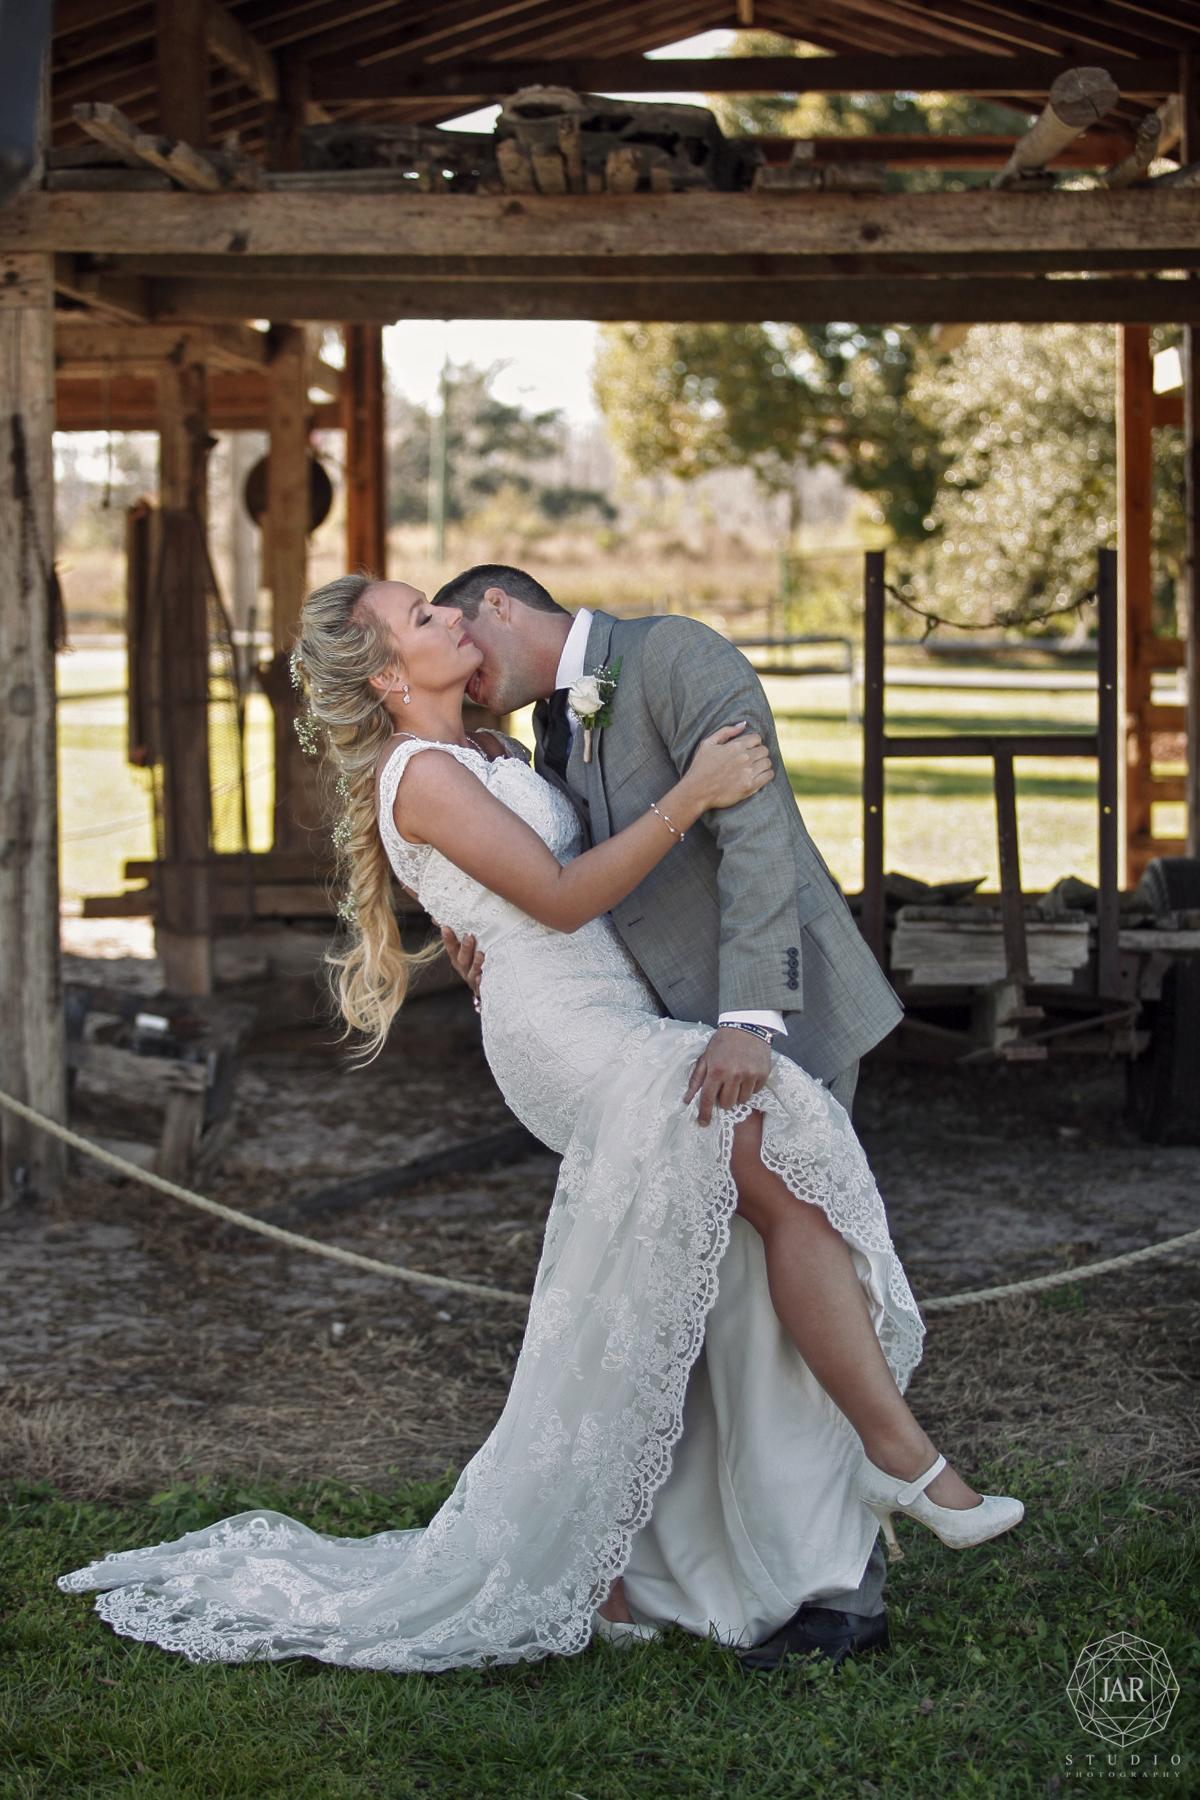 26-rustic-wedding-kissing-sexy-bride-groom-jarstudio.JPG